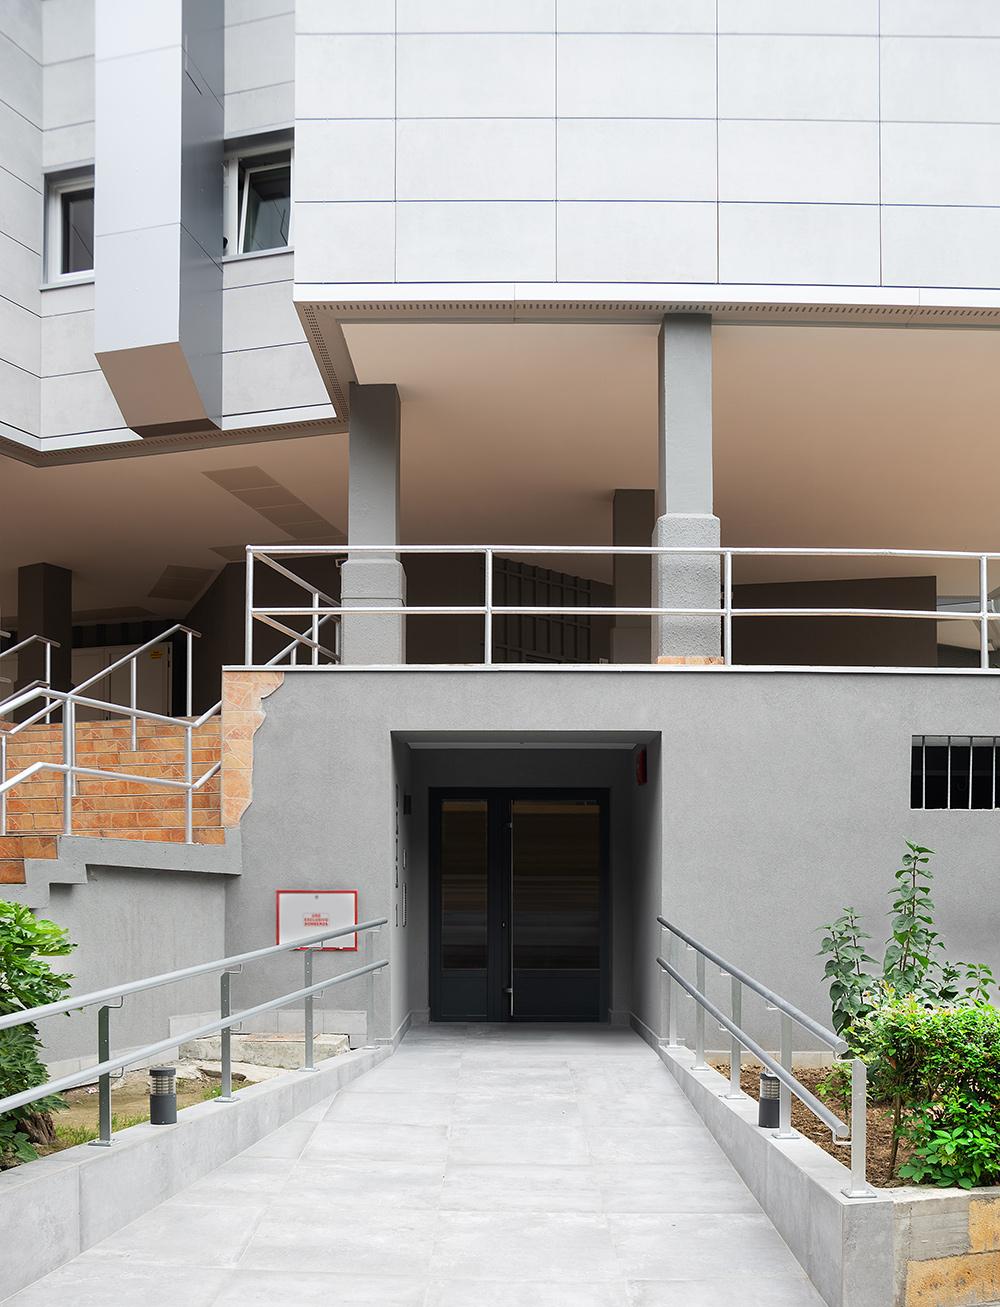 Rehabilitacion-energetica_fachada-aislamiento_reforma-soportalesl_Renove_Basa-arquitectura-Pasaia_Gipuzkoa